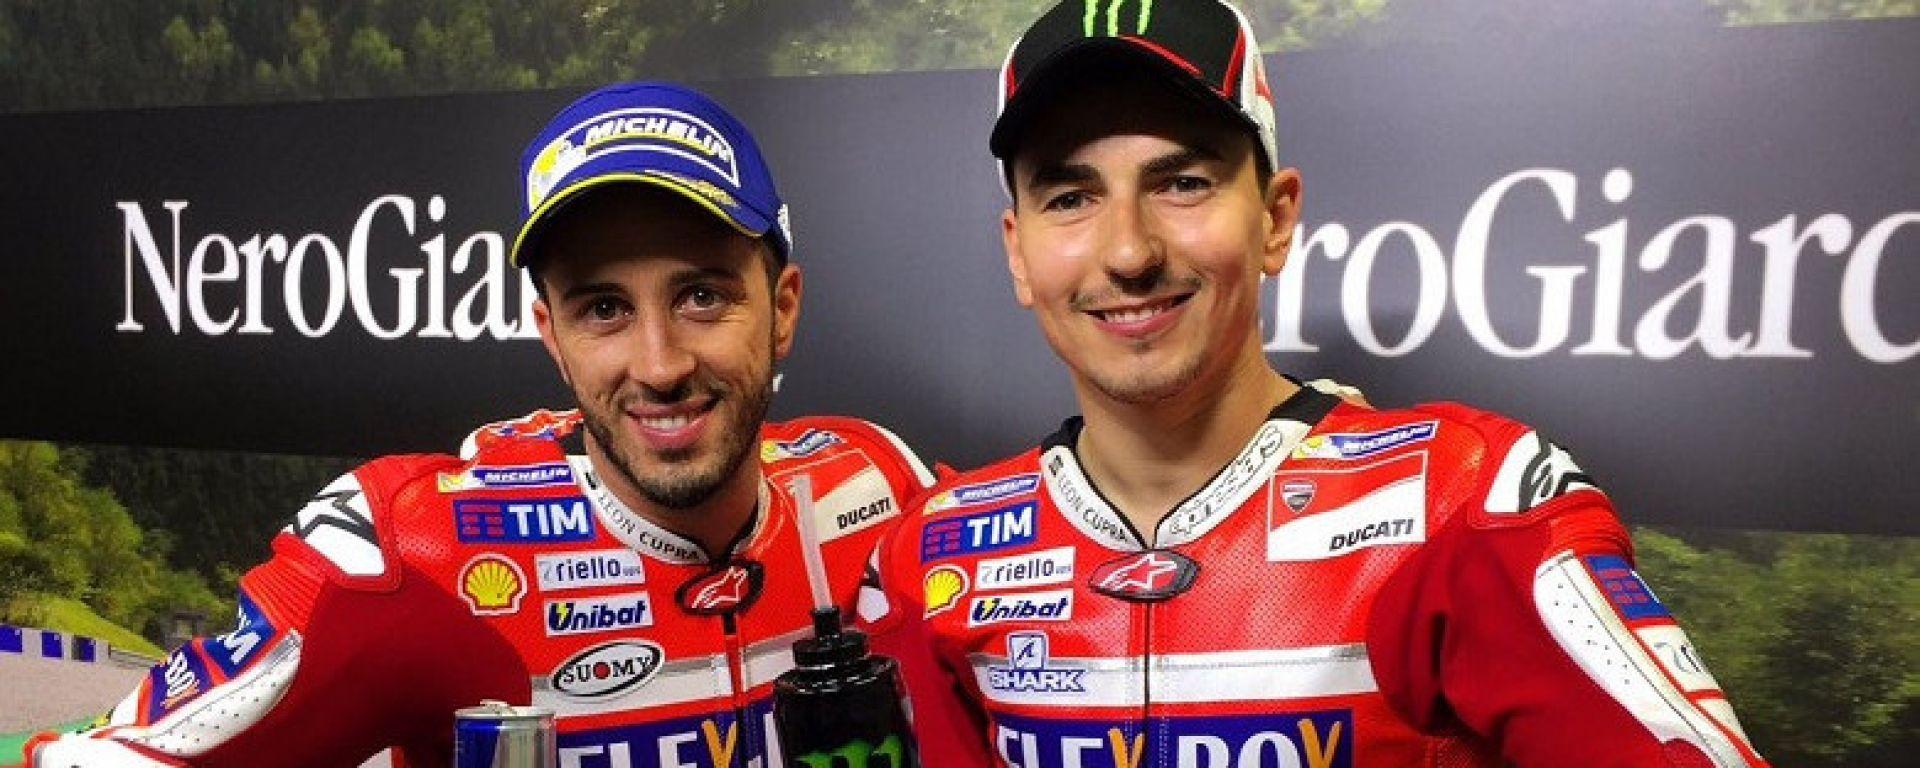 Jorge Lorenzo e Andrea Dovizioso nel 2018, quando erano compagni di team in Ducati